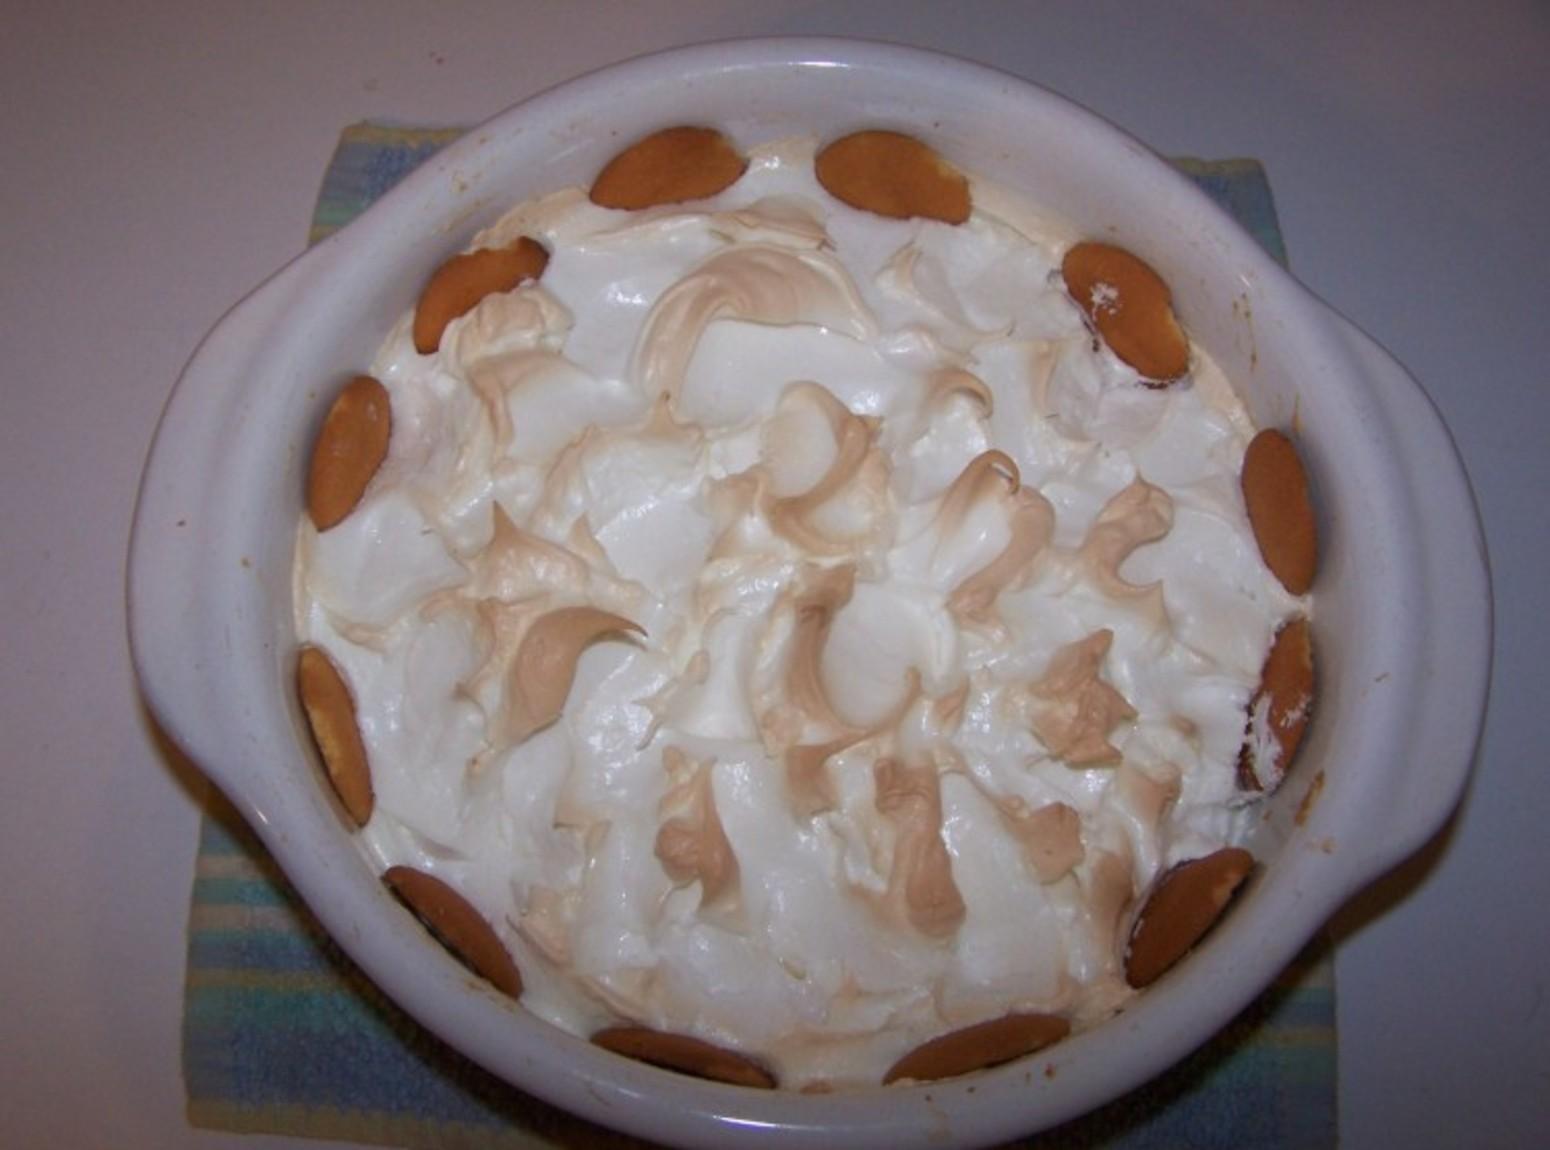 Original 'Nilla Banana Pudding Recipe